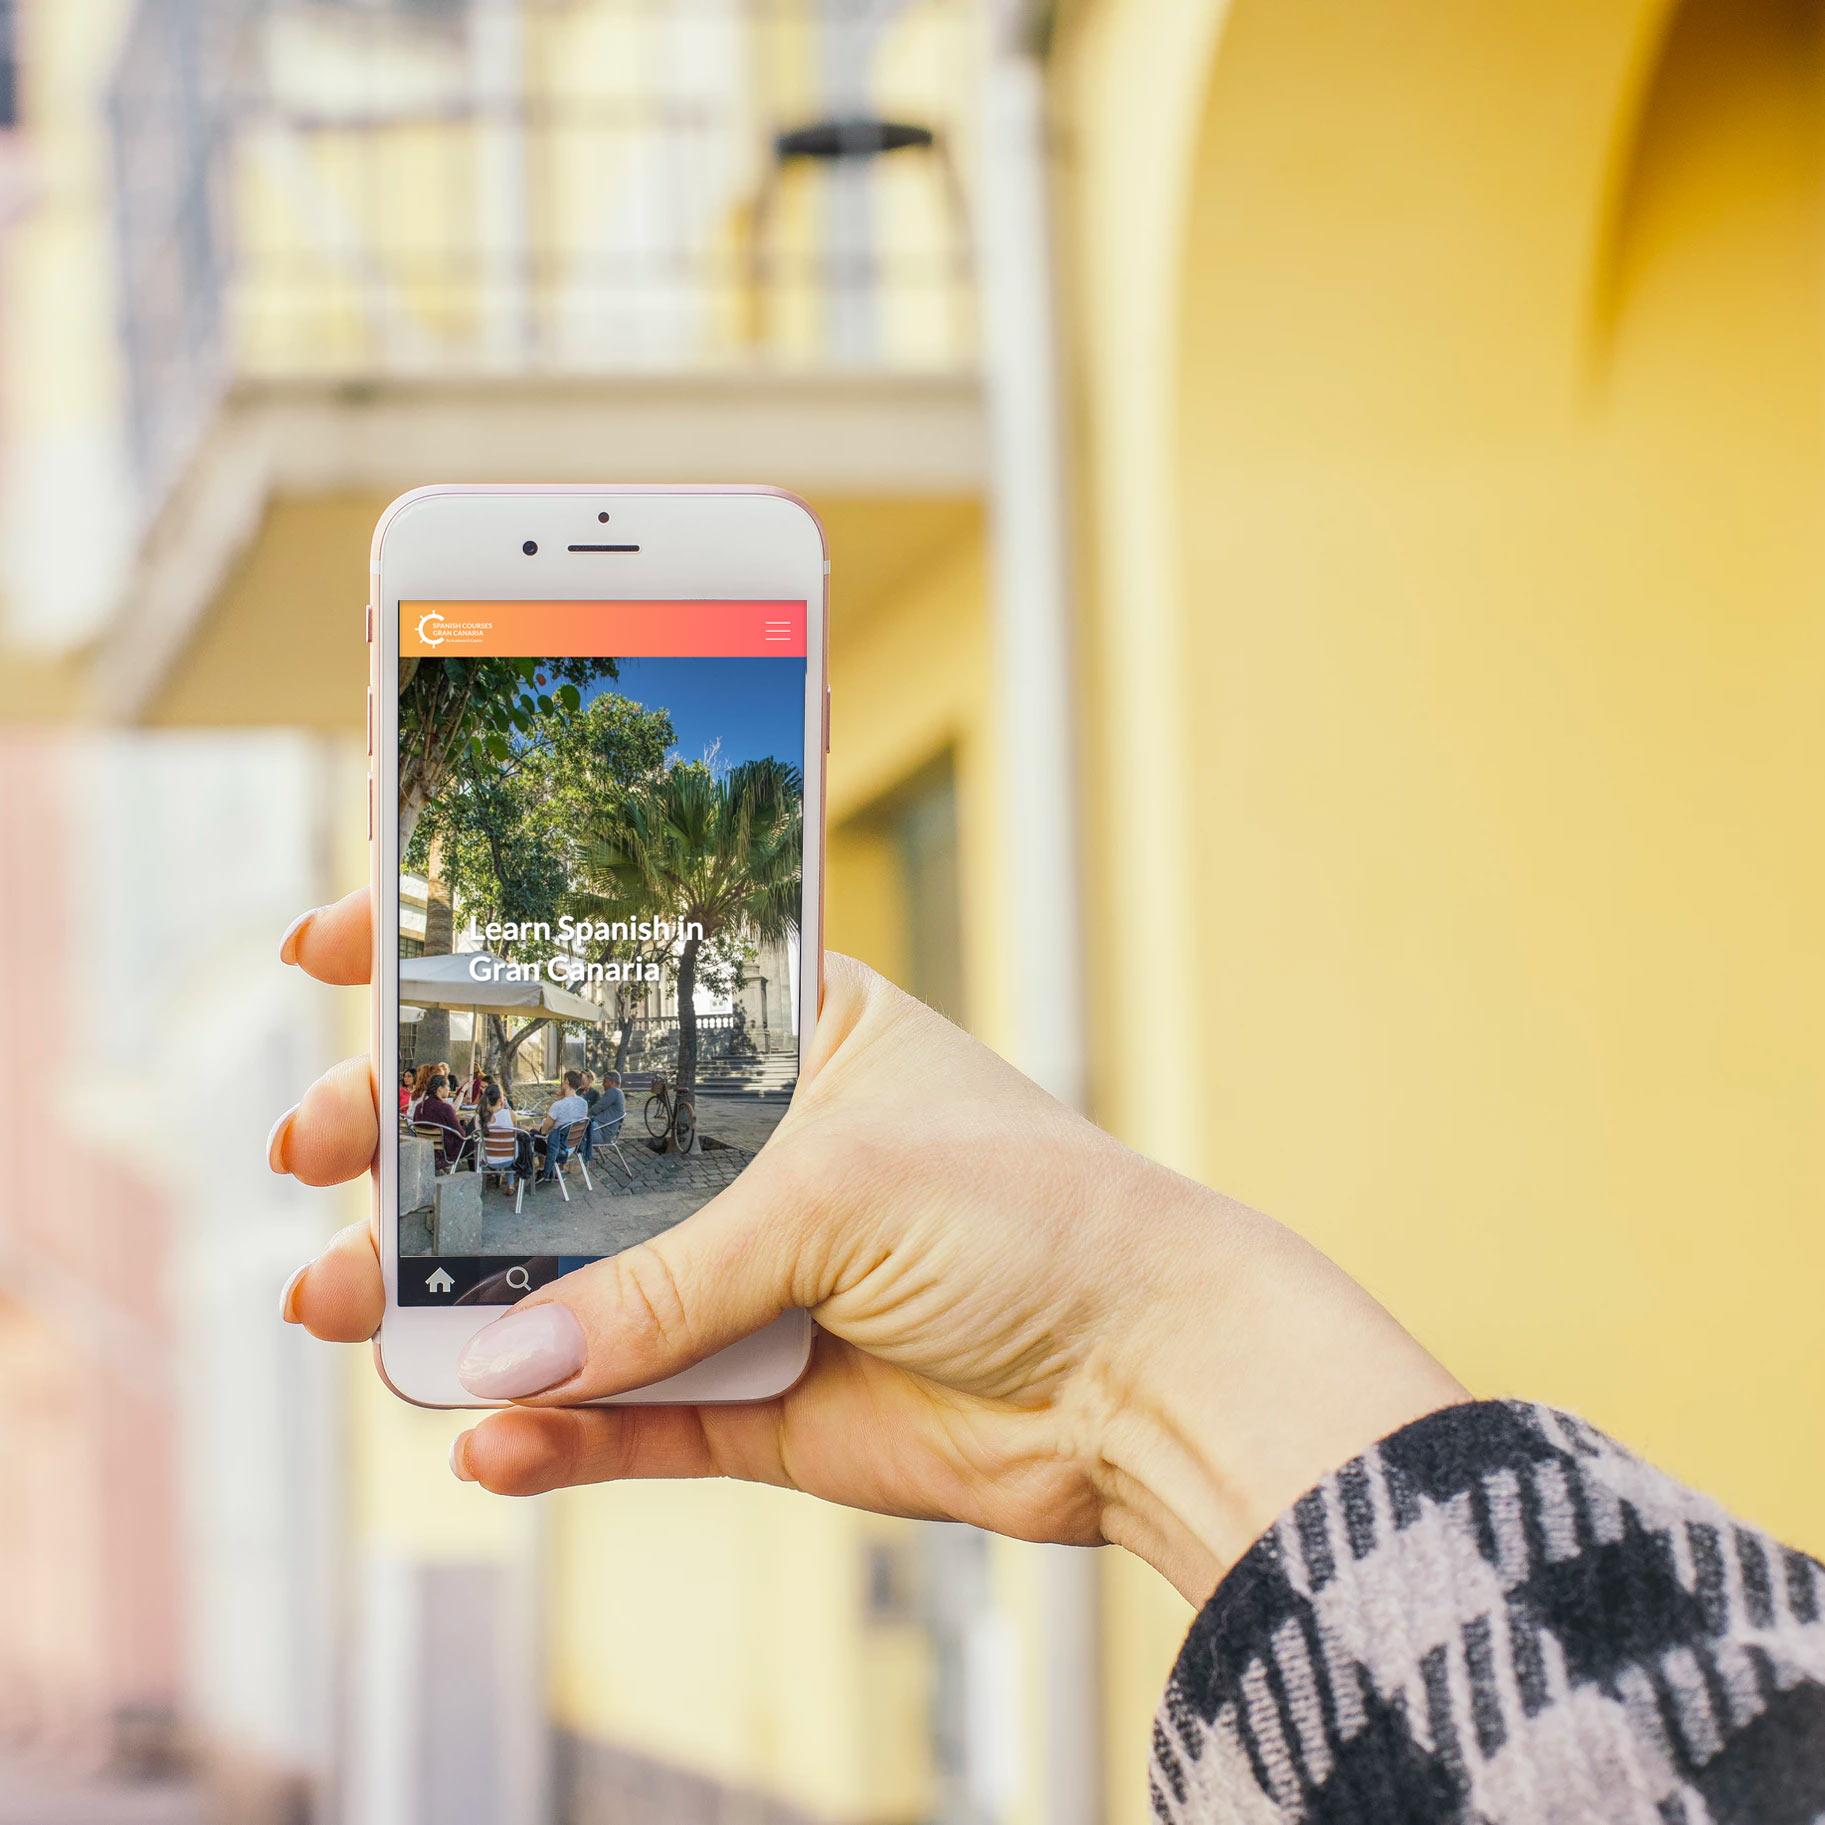 Mano con móvil visitando la web de Spanish Courses Gran Canaria